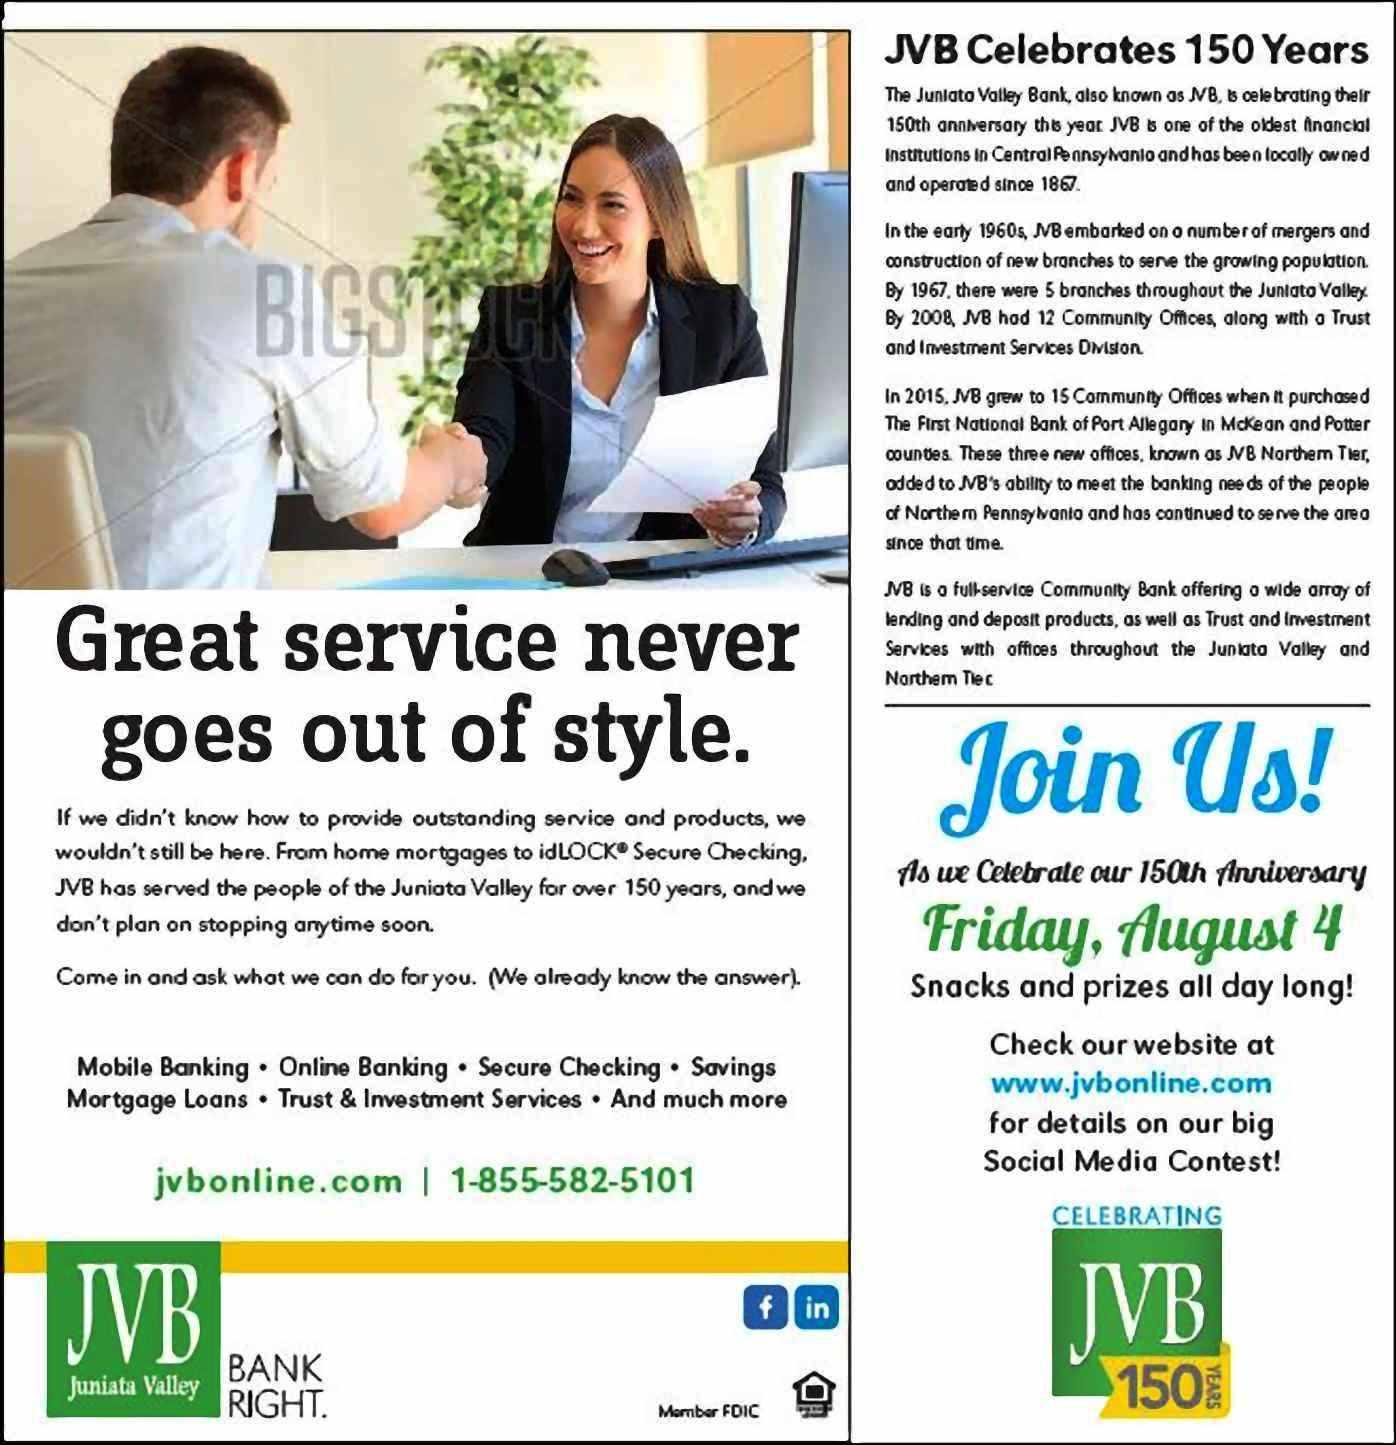 JVB Bank